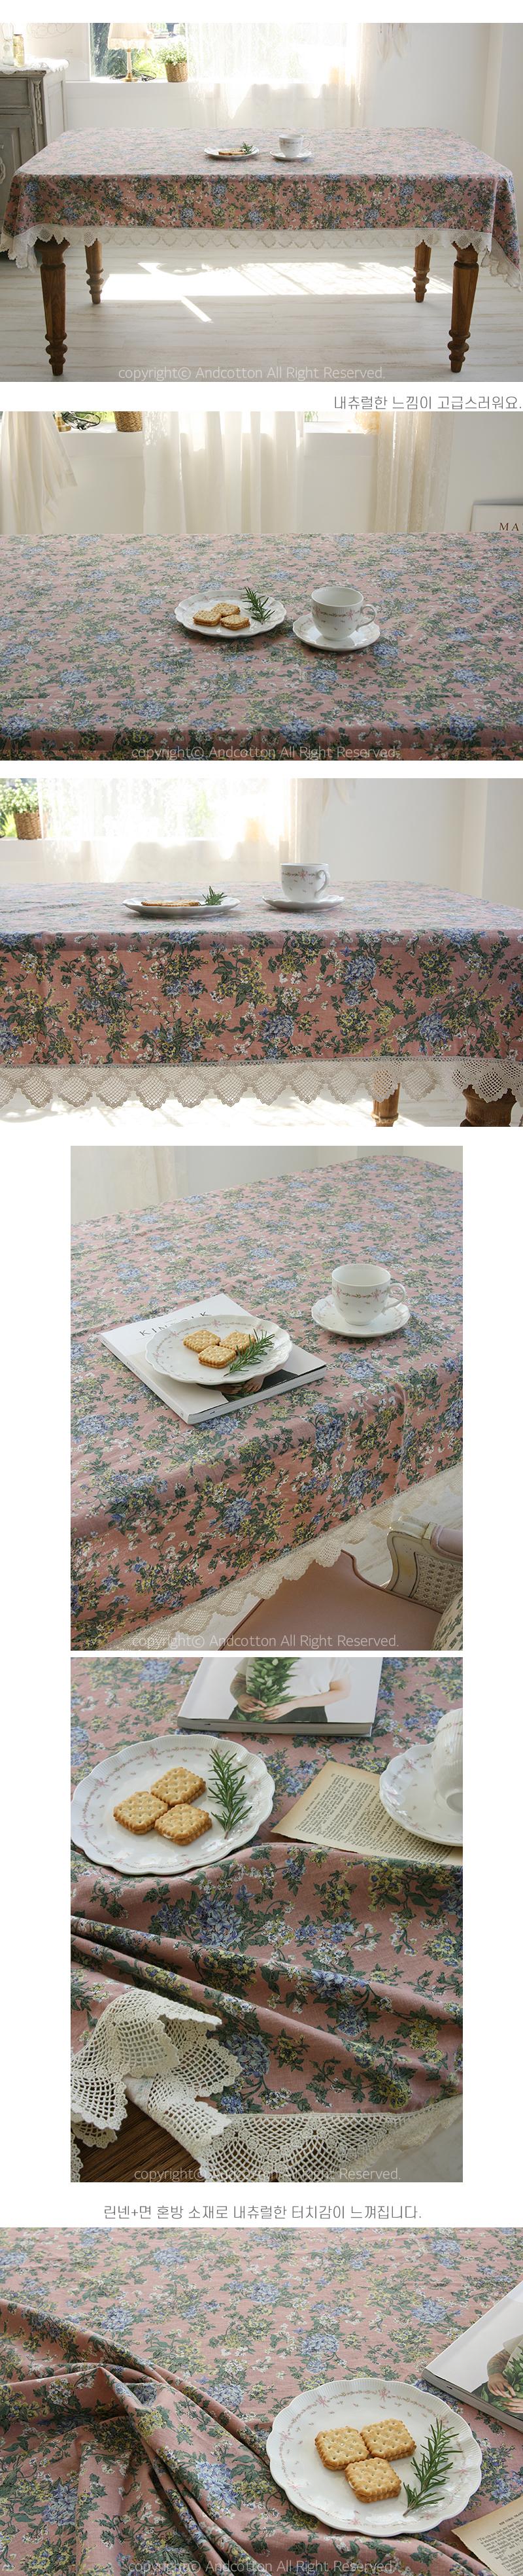 바닐라 플라워 면레이스 2인 4인 6인 테이블보/식탁보 - 앤코튼1, 59,400원, 식탁, 식탁보